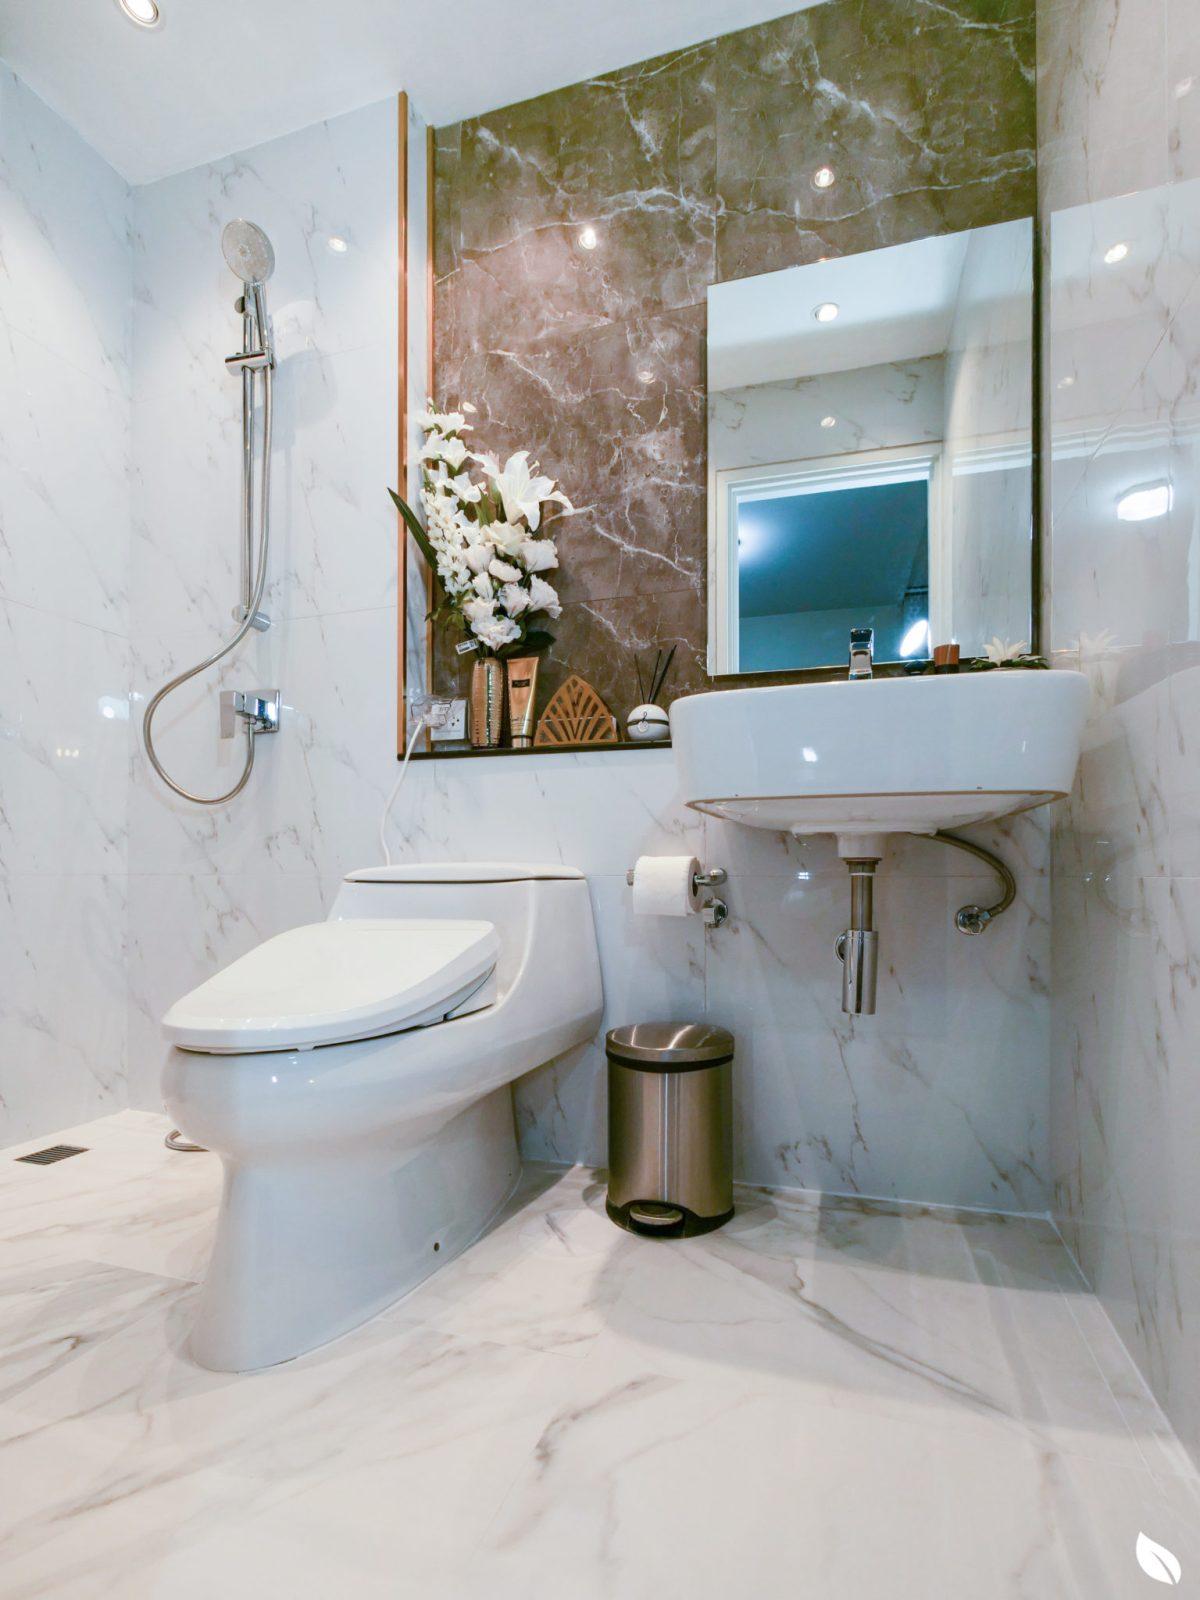 """4 ขั้นตอน """"รีโนเวทห้องน้ำขนาดเล็ก"""" ให้สวยใหม่ จบงานไวใน 2 วัน แบบปูกระเบื้องทับ ไม่ต้องรื้อ 59 - bathroom"""